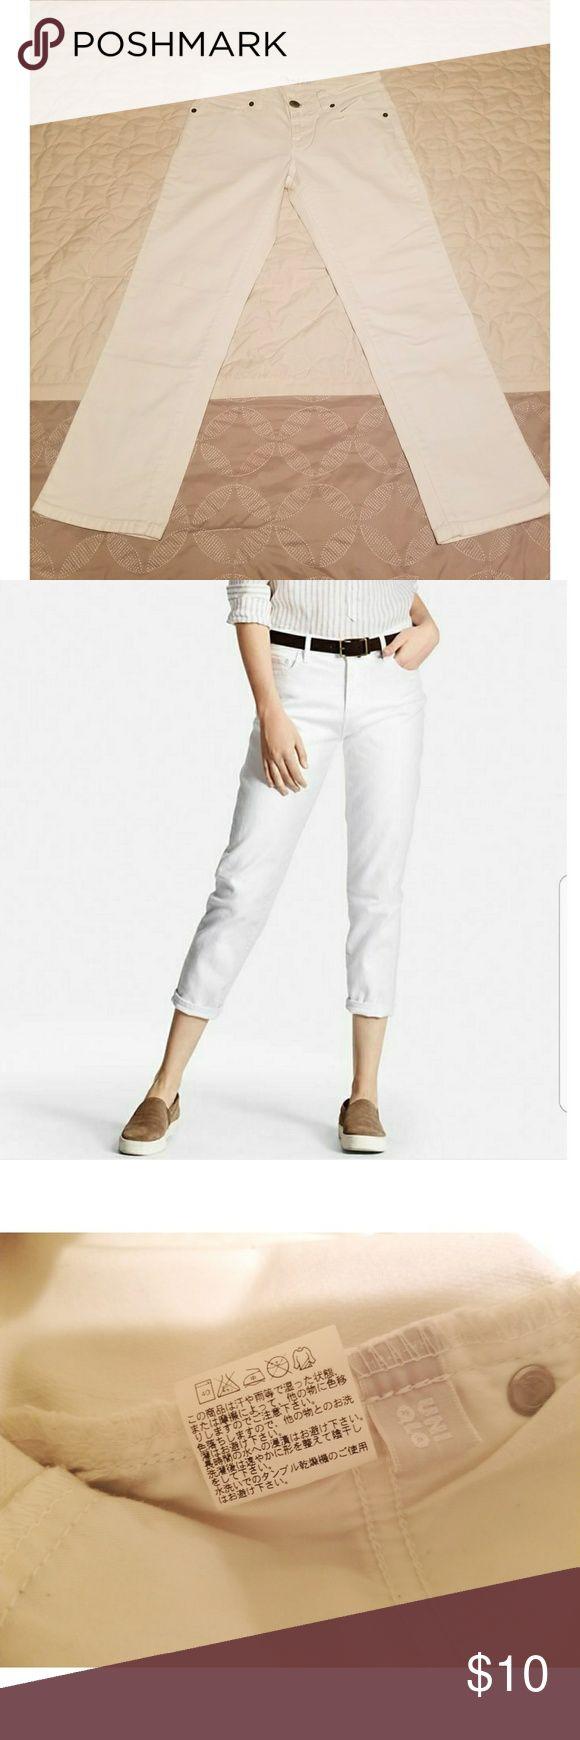 I just added this listing on Poshmark: Uniqlo Skinny Fit Cropped White Jeans. #shopmycloset #poshmark #fashion #shopping #style #forsale #Uniqlo #Denim